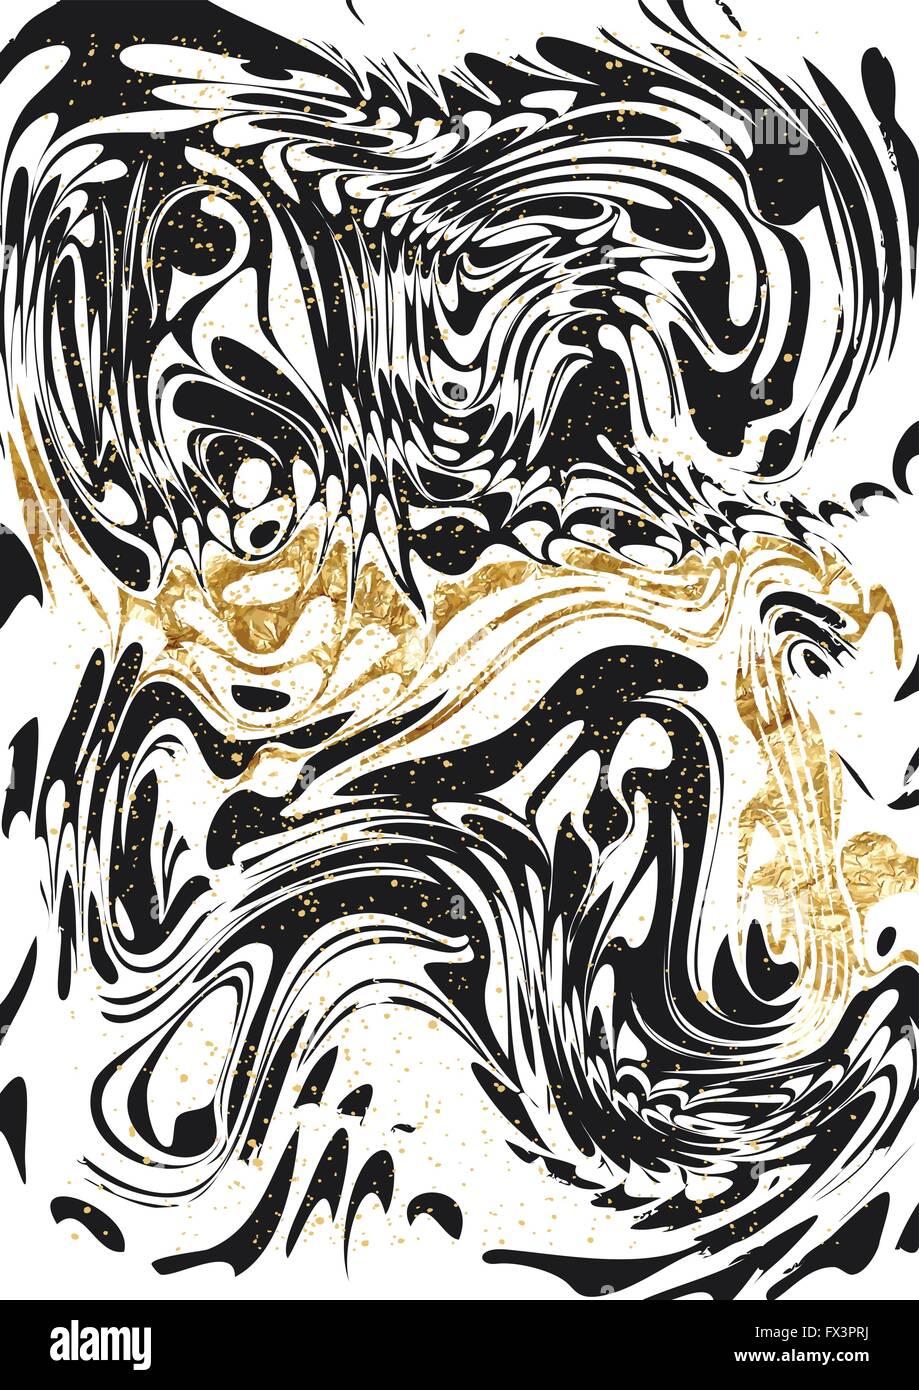 en marbre noir et or mod u00e8le papier  r u00e9sum u00e9 en peinture dessin avec de l u0026 39 or  vector illustration